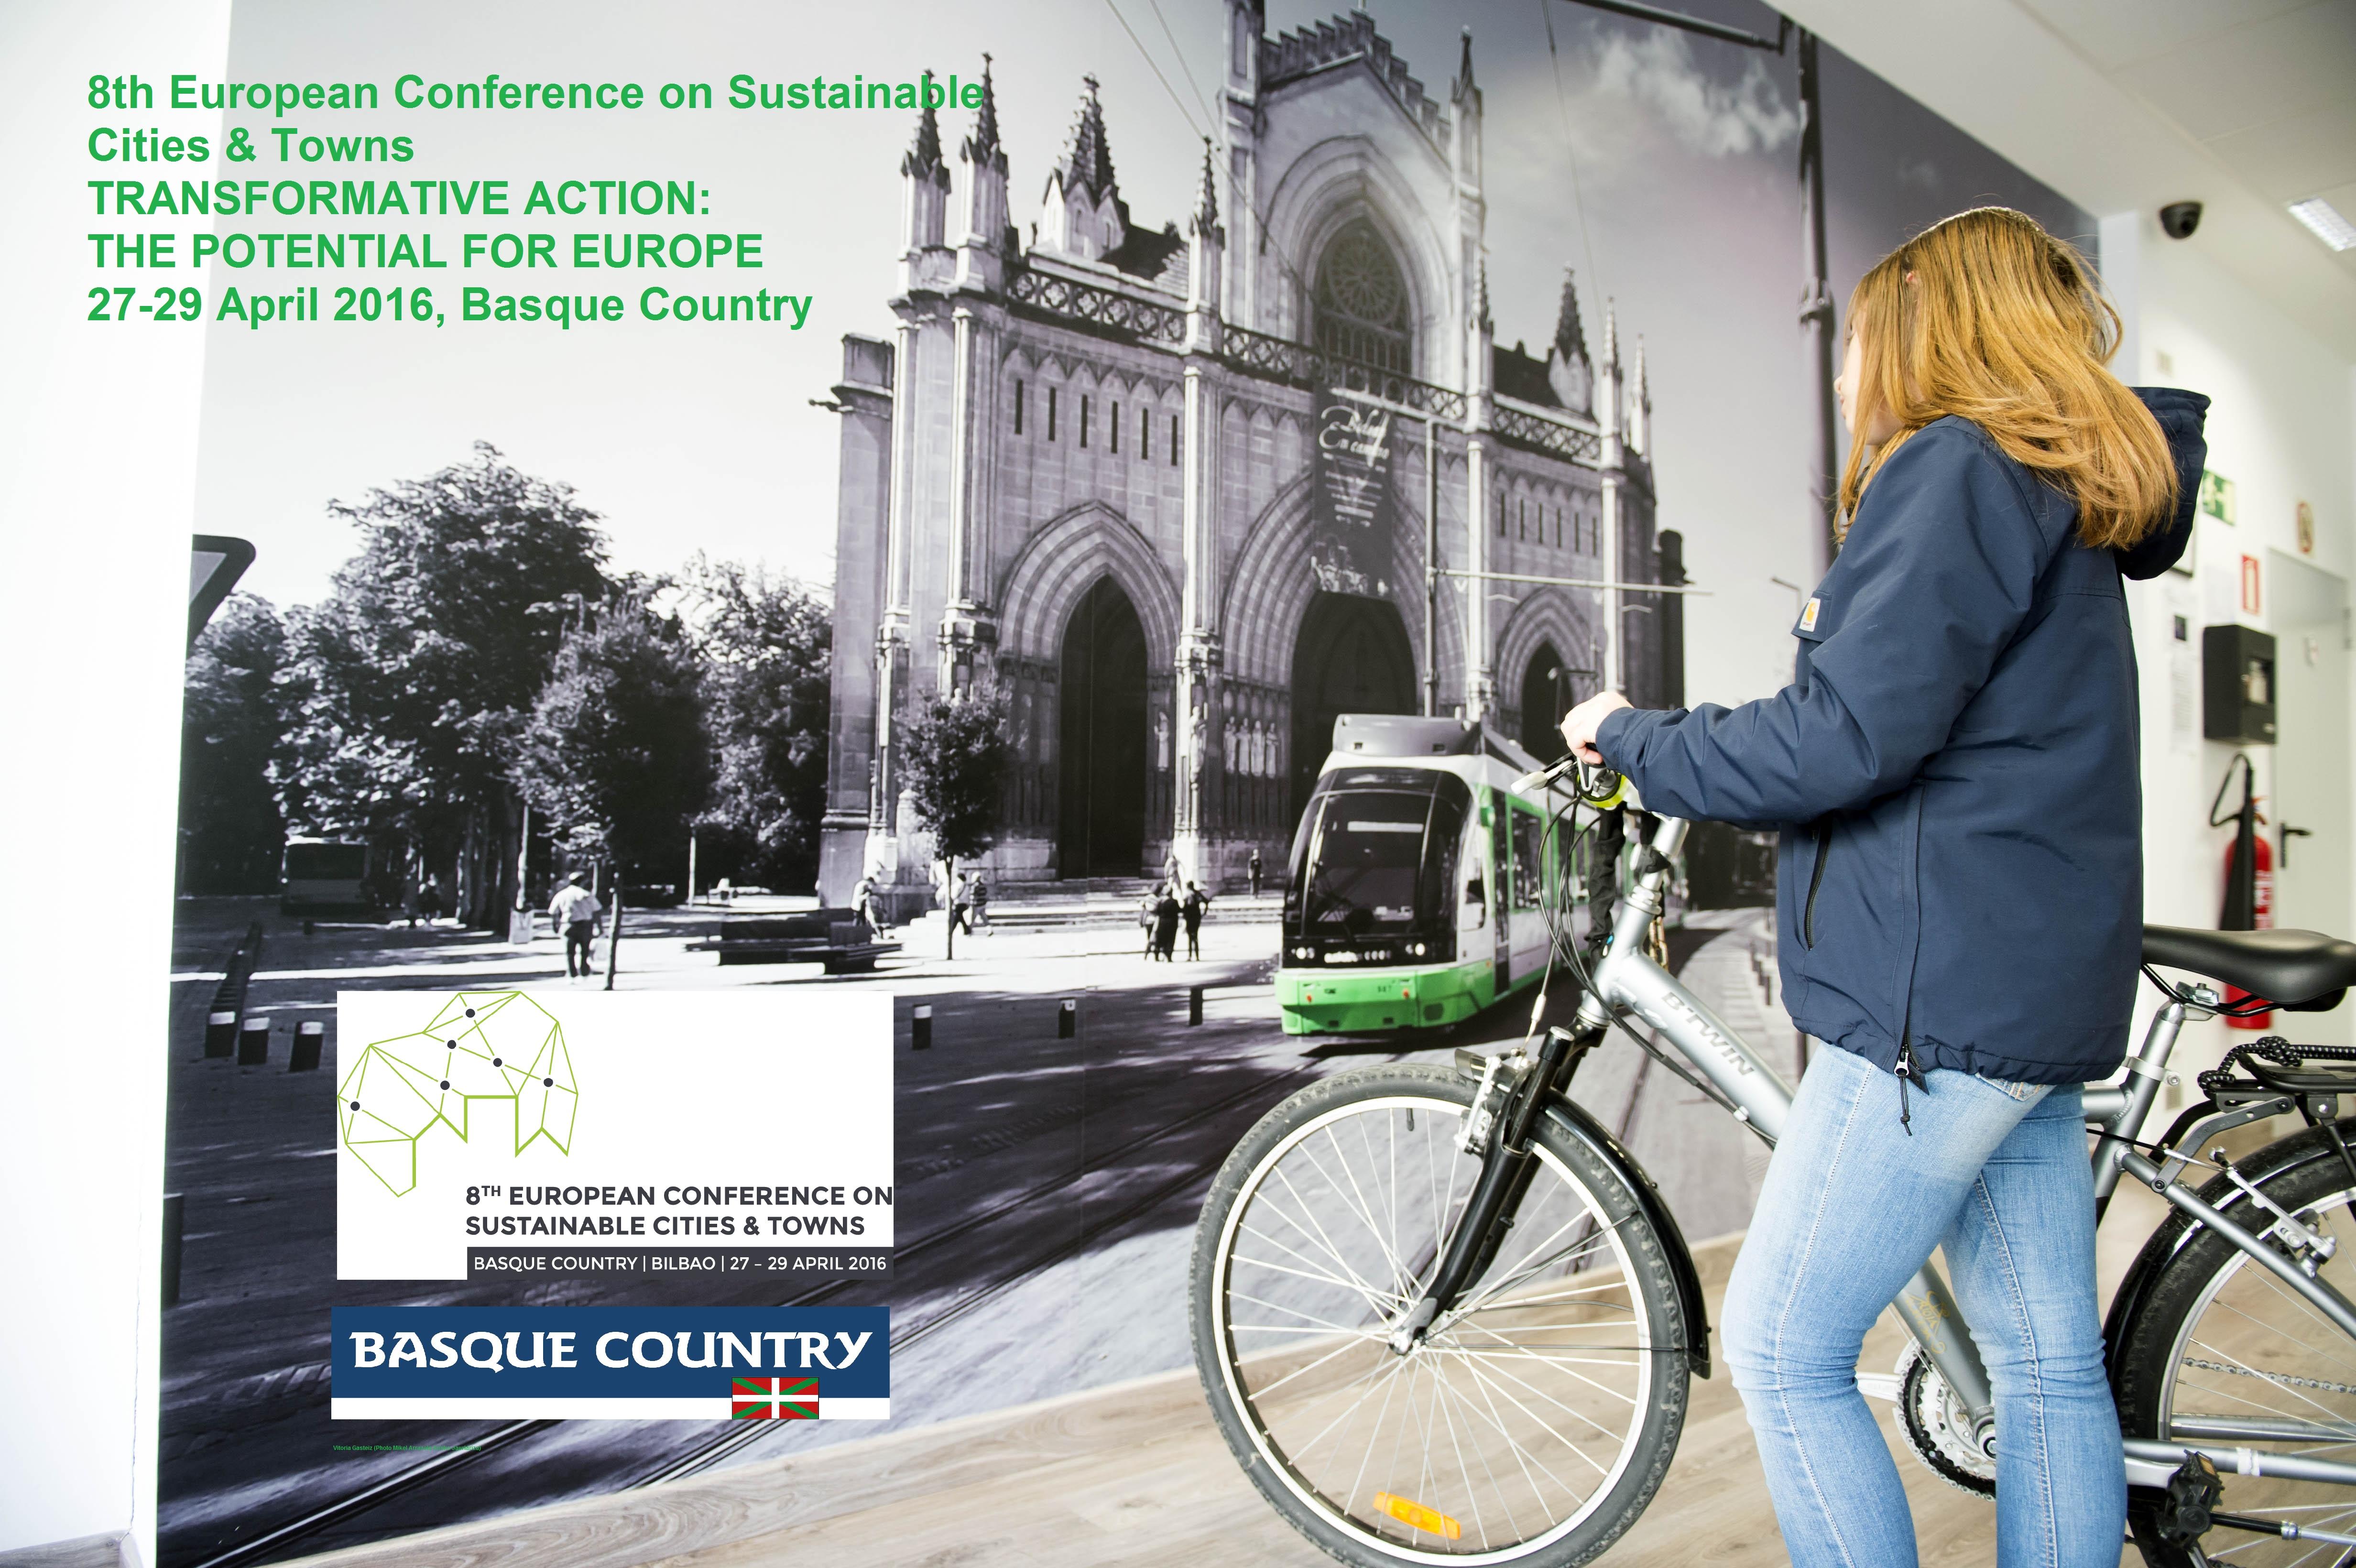 Iclei_Basque_Country__Photo_M.Arrazola_Eusko_Jaurlaritza___4__-_copia.jpg